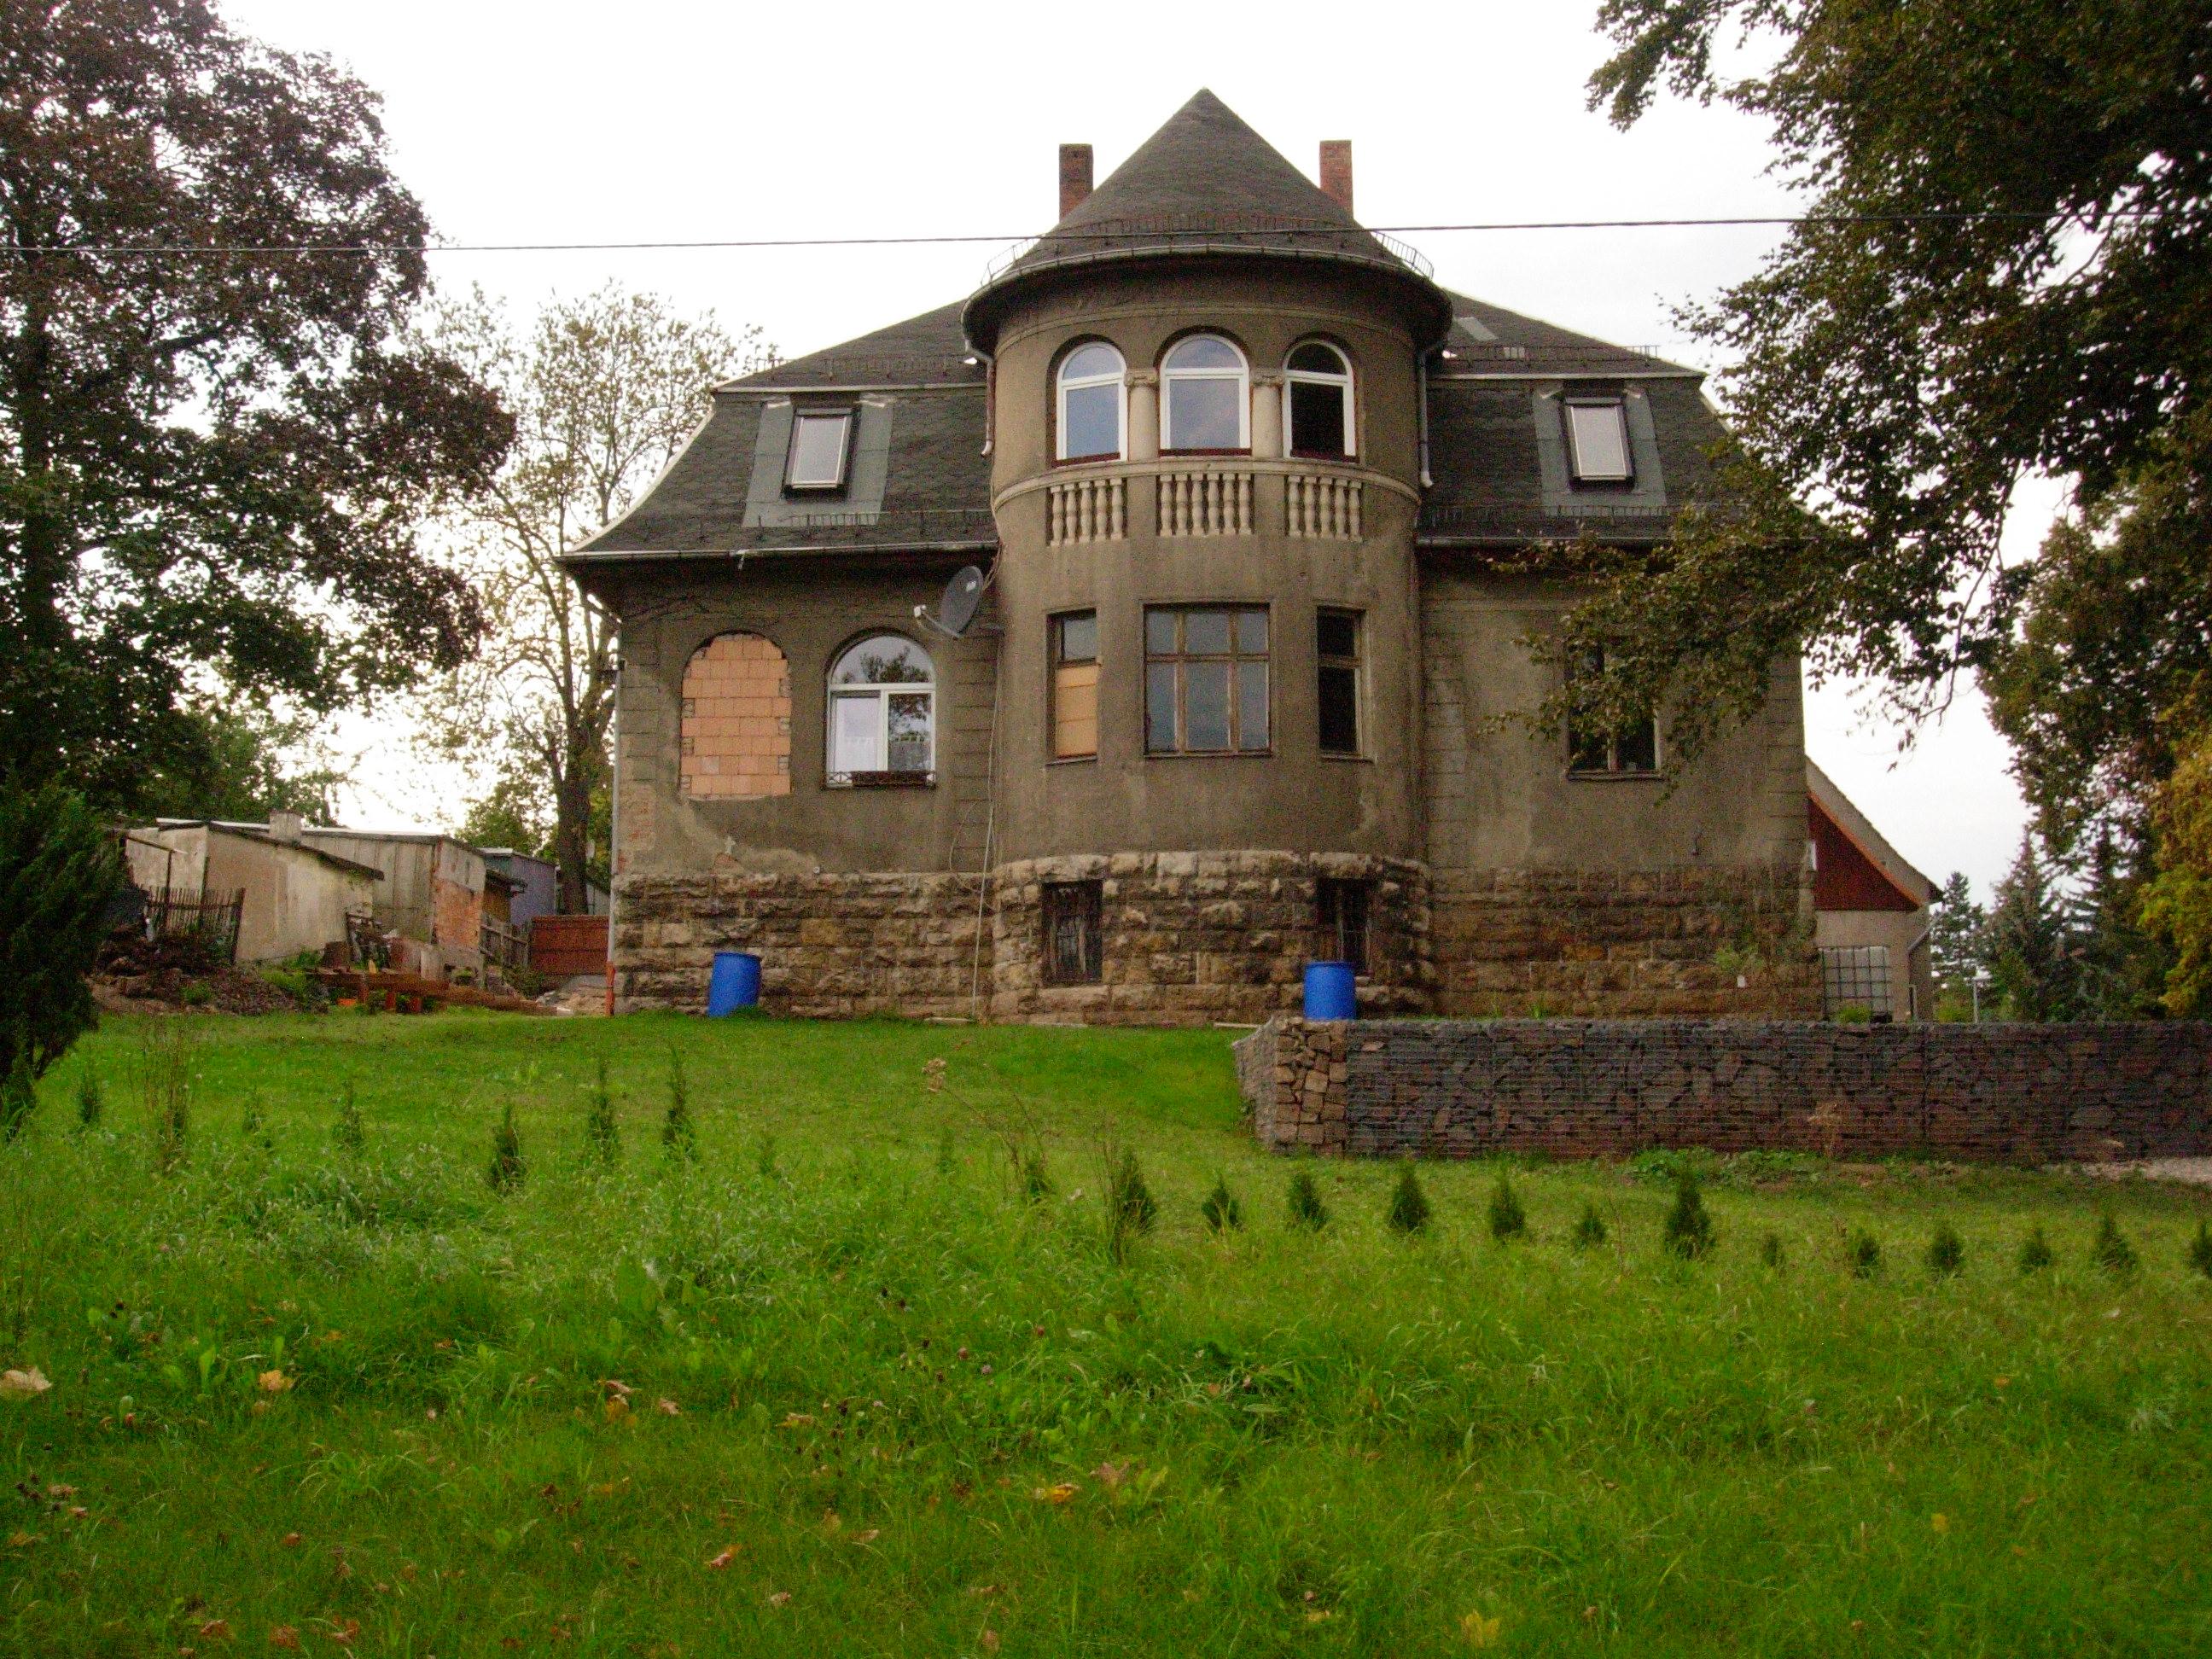 Bautagebuch sanierung einer jugendstilvilla - Garten jugendstil ...